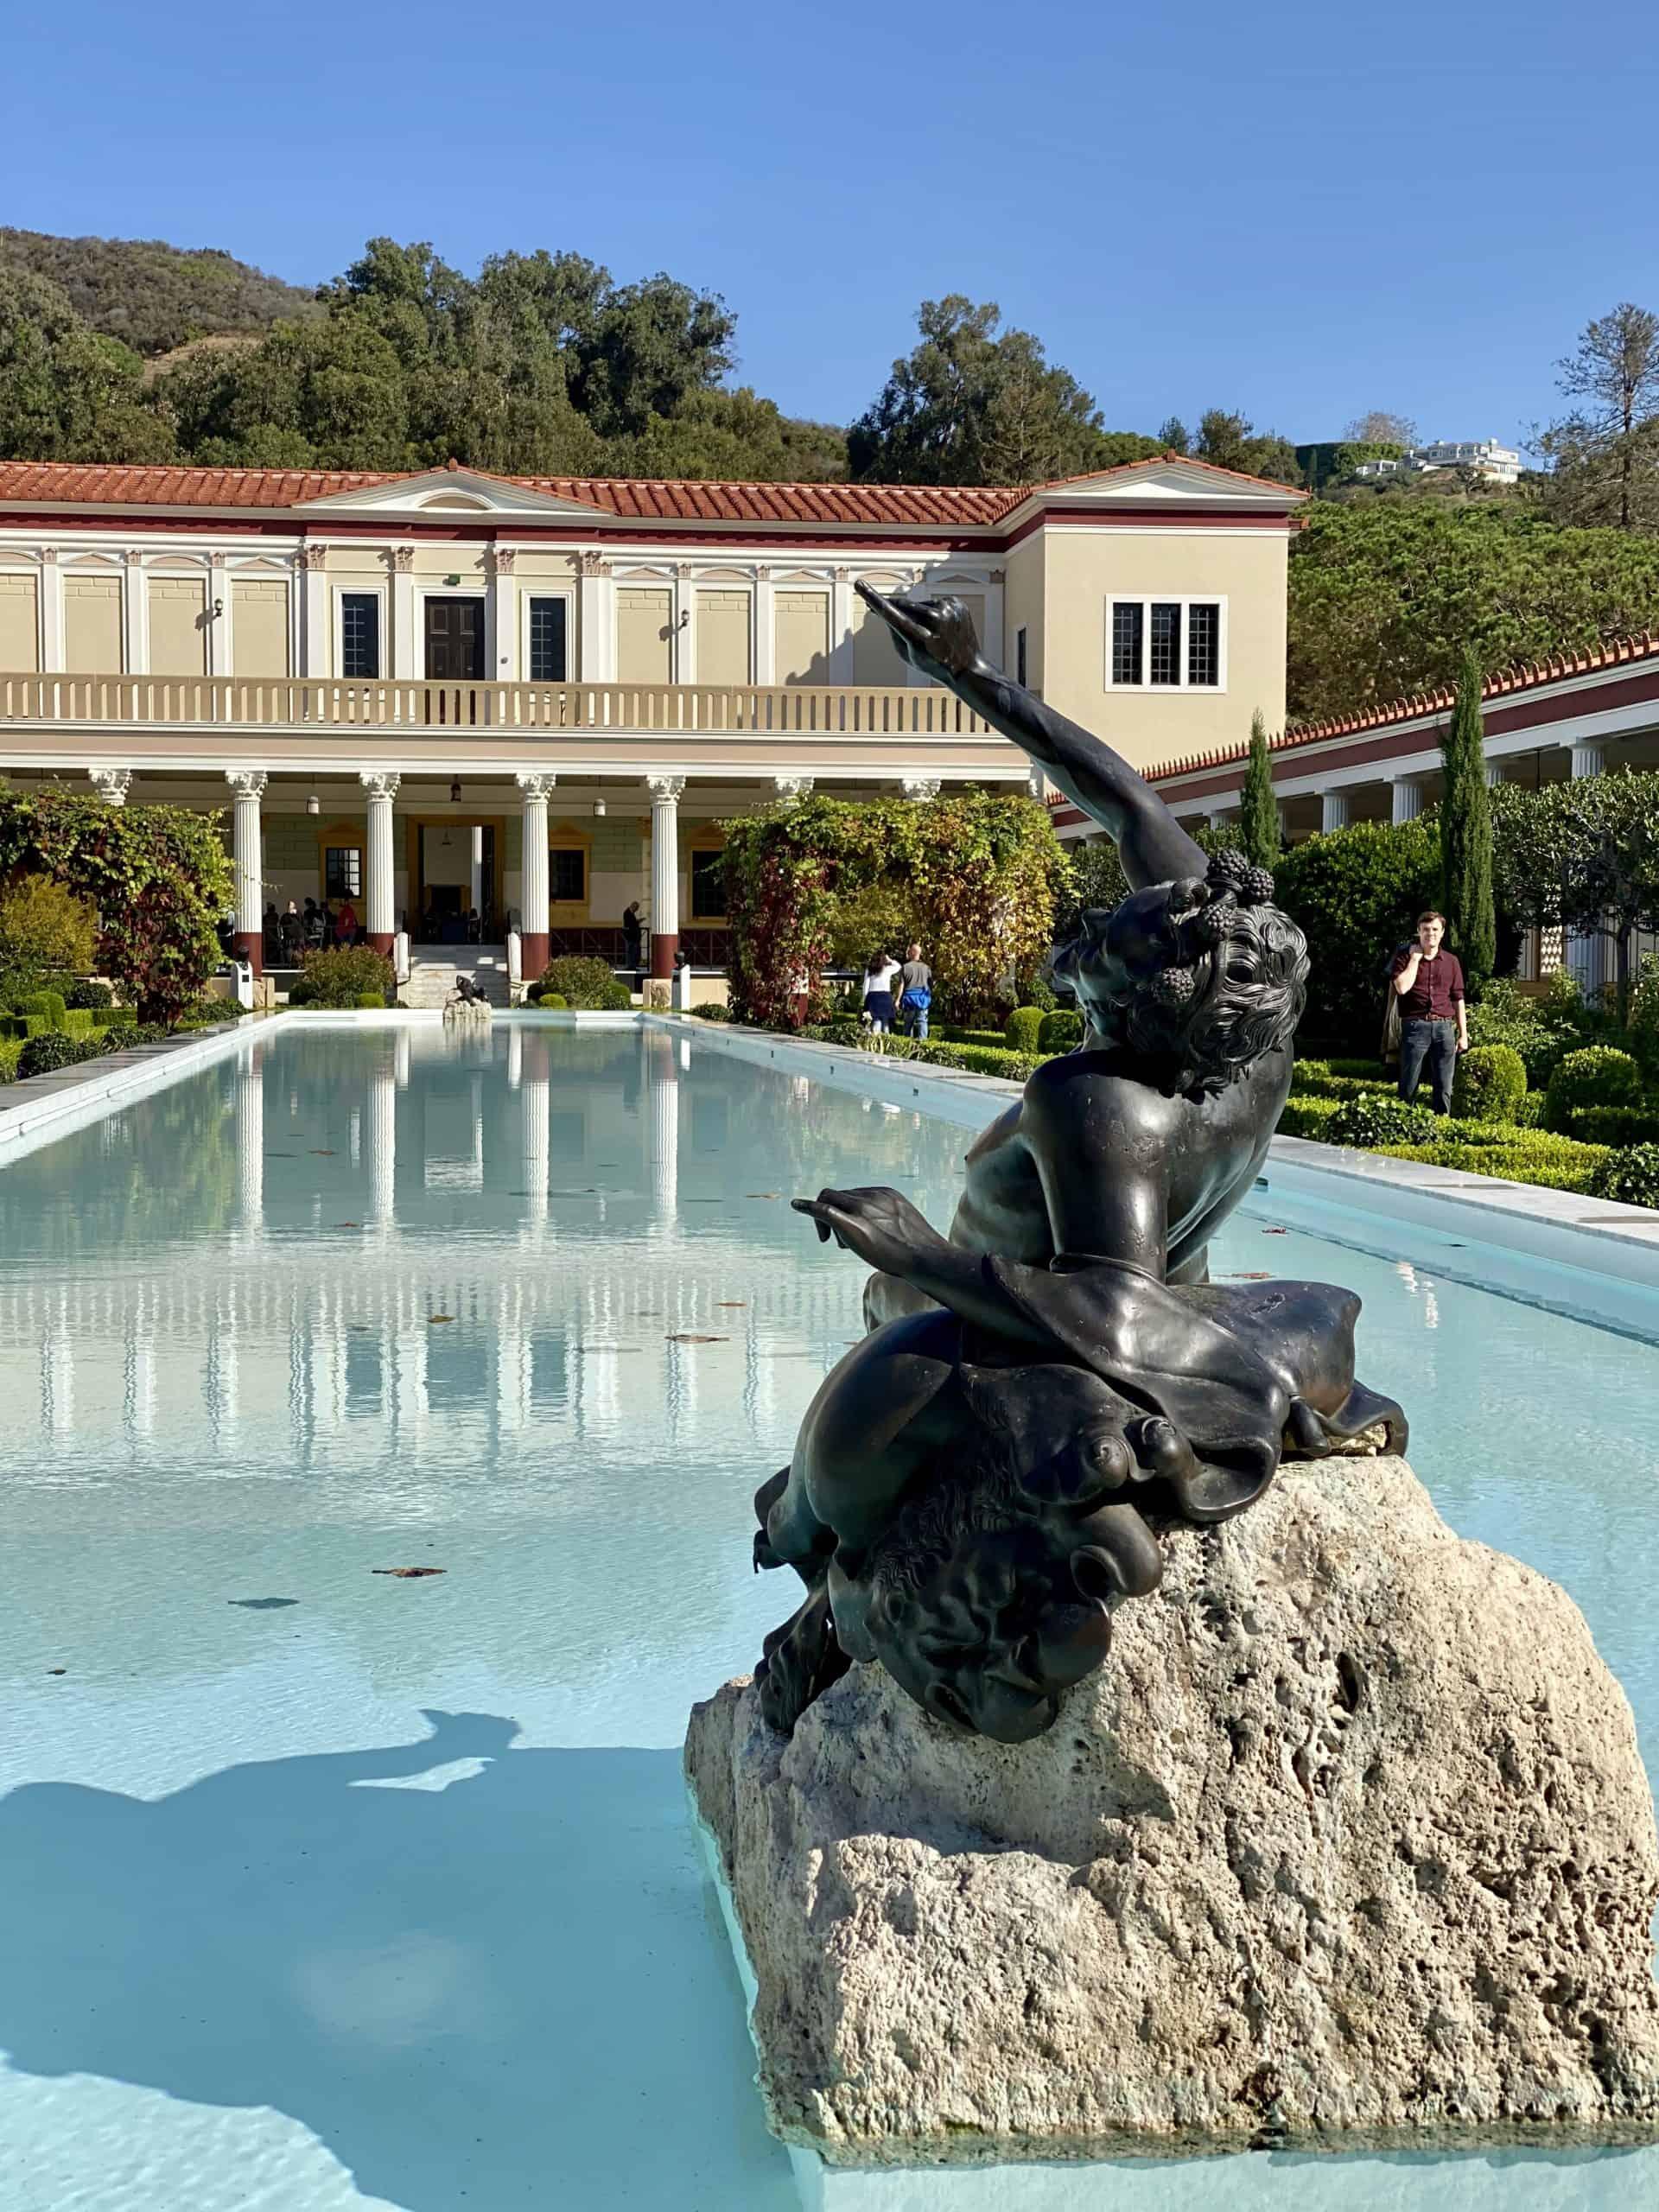 discover the Conejo Valley at the Getty Villa